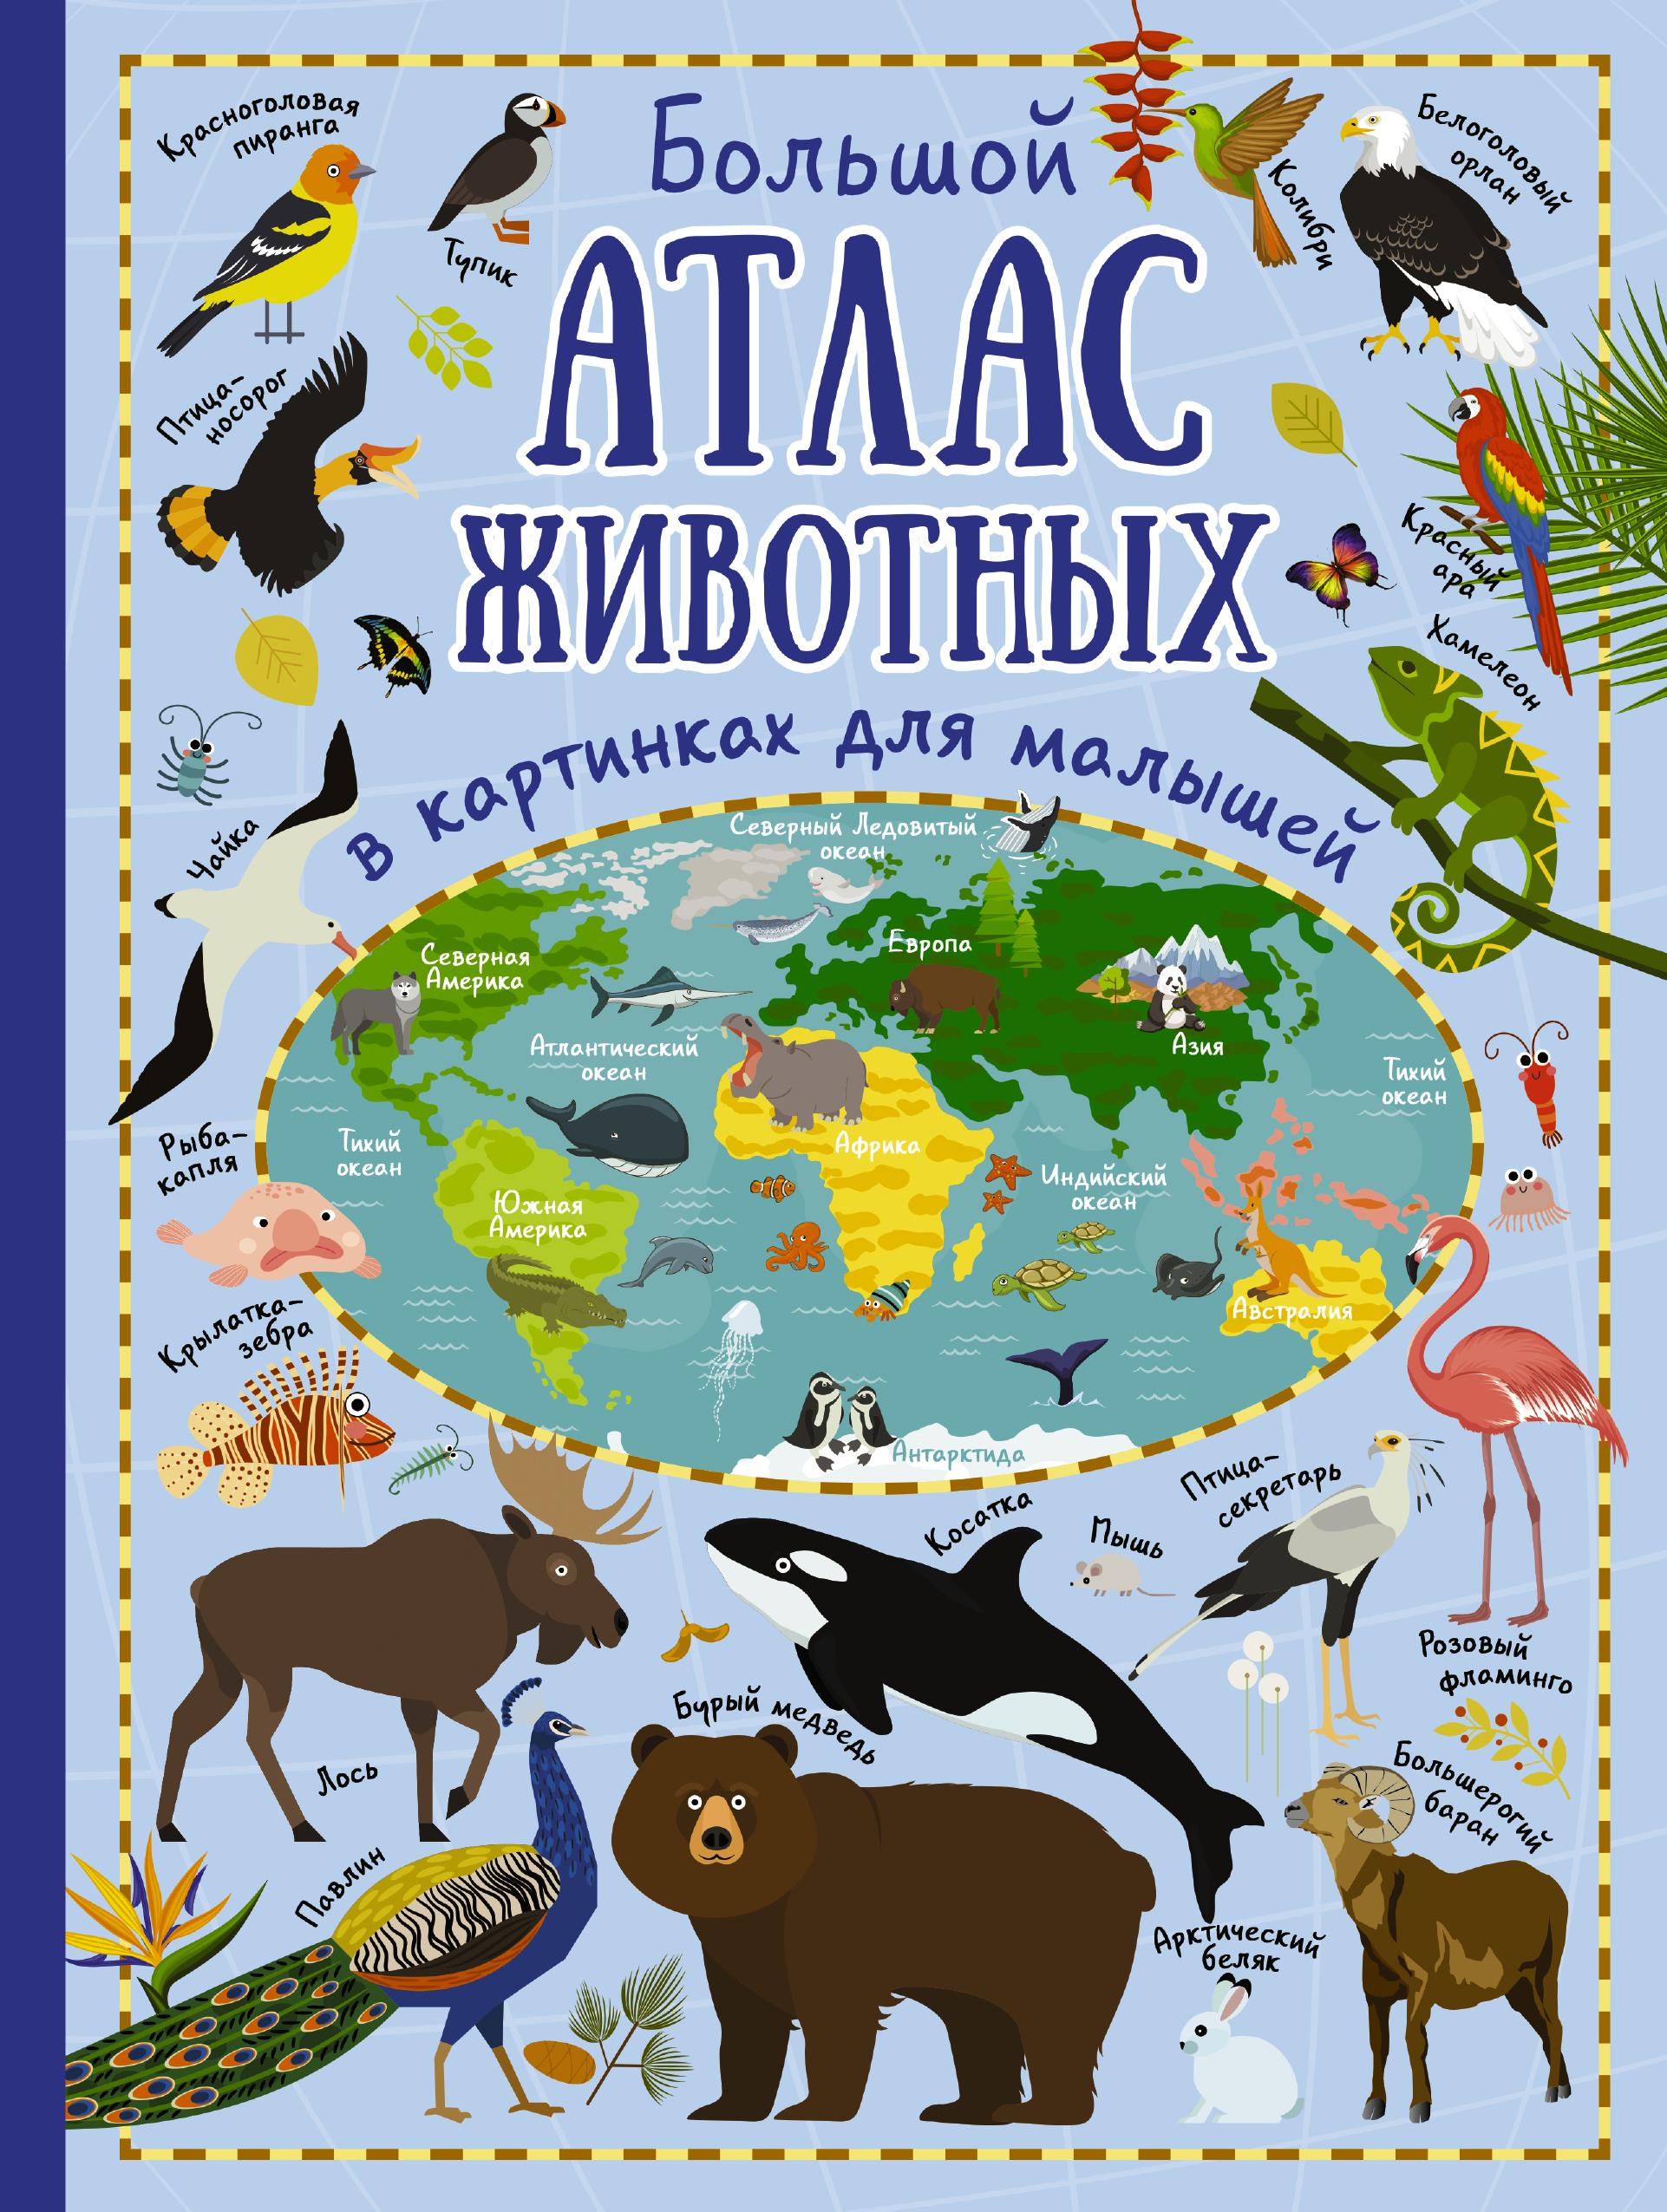 Большой атлас животных в картинках для малышей